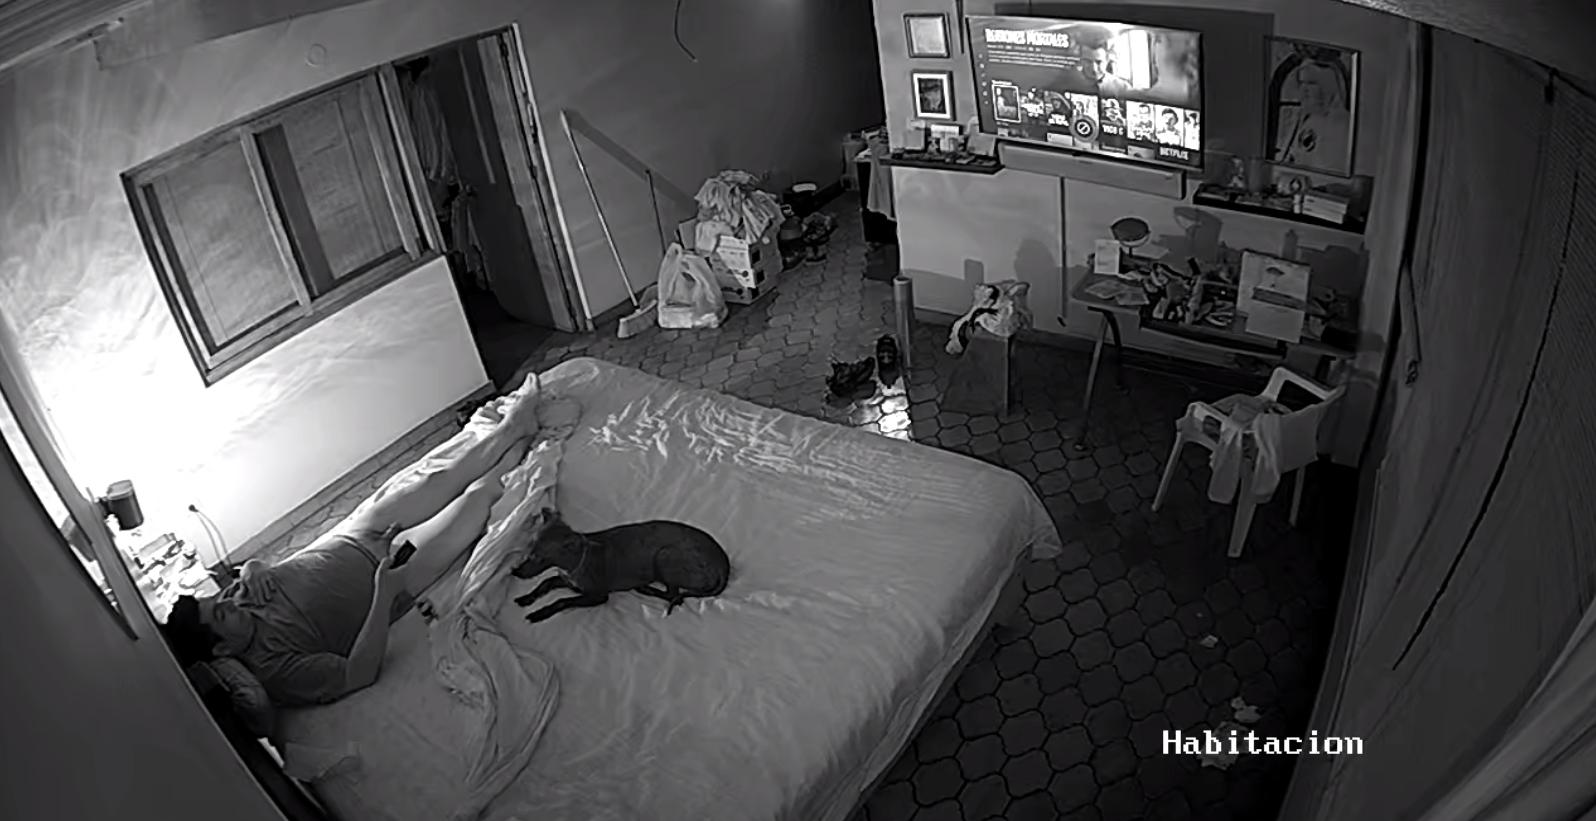 Скрытая видеокамера в комнате молодоженов